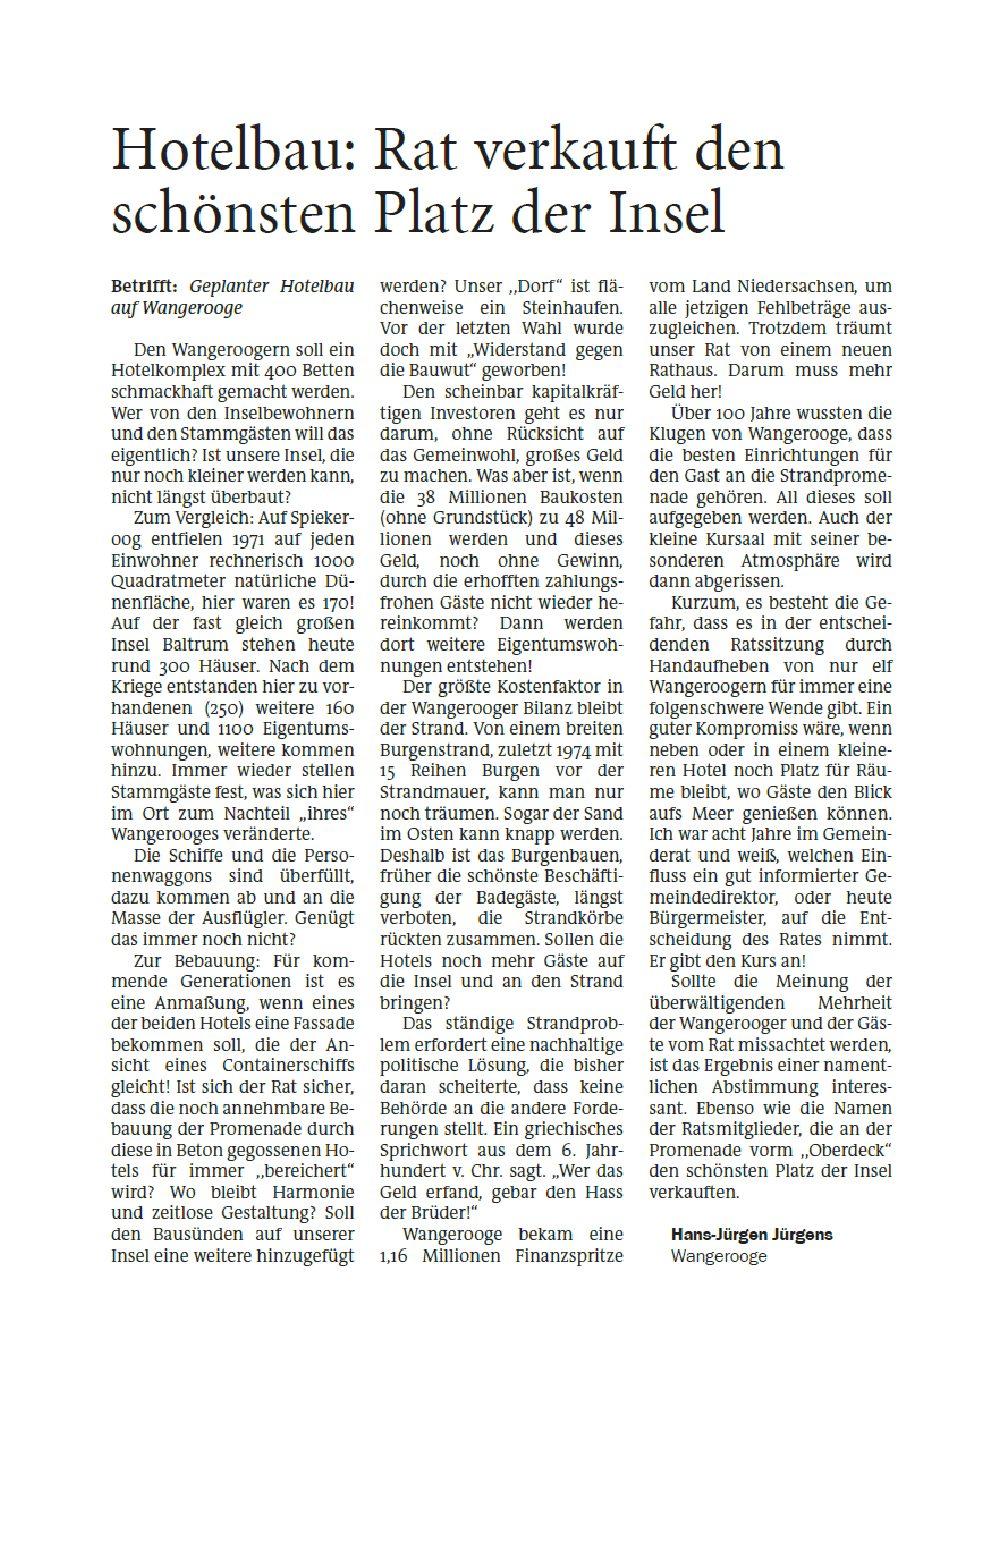 Jeversches Wochenblatt 30.09.2020 II